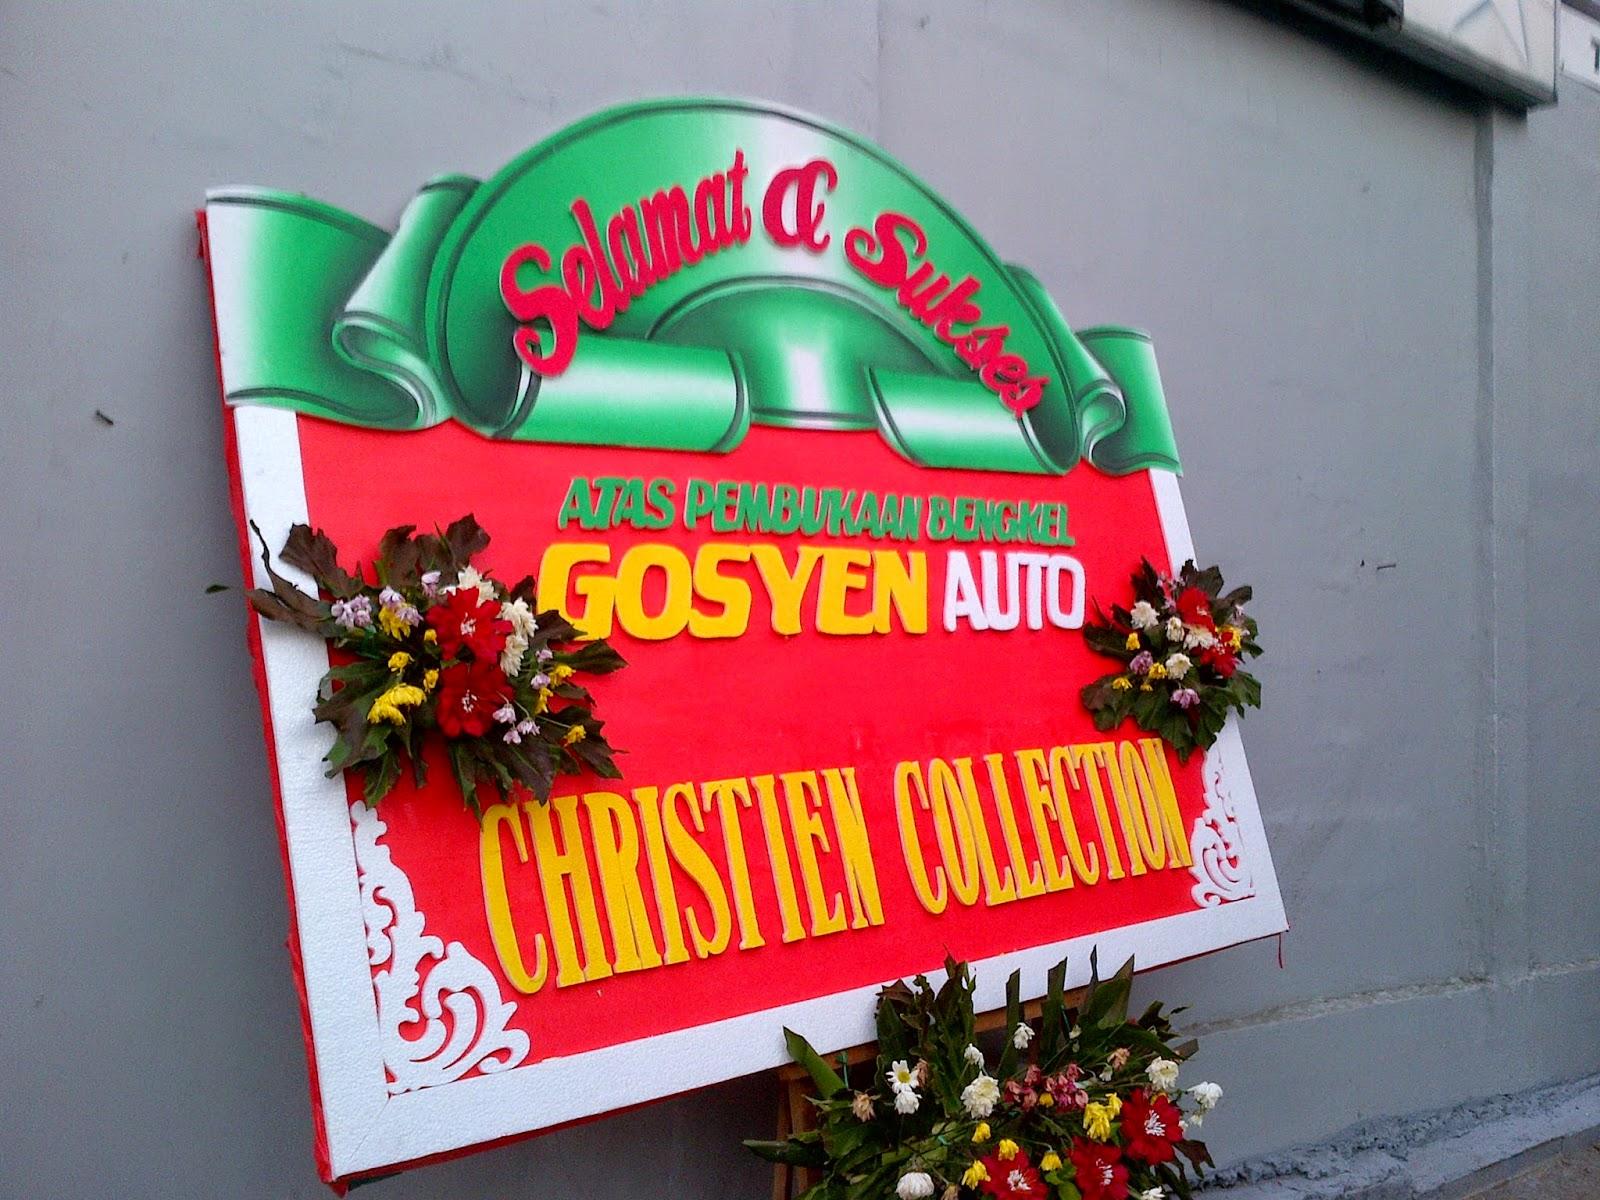 Gosyen Auto Car Wash Surabaya